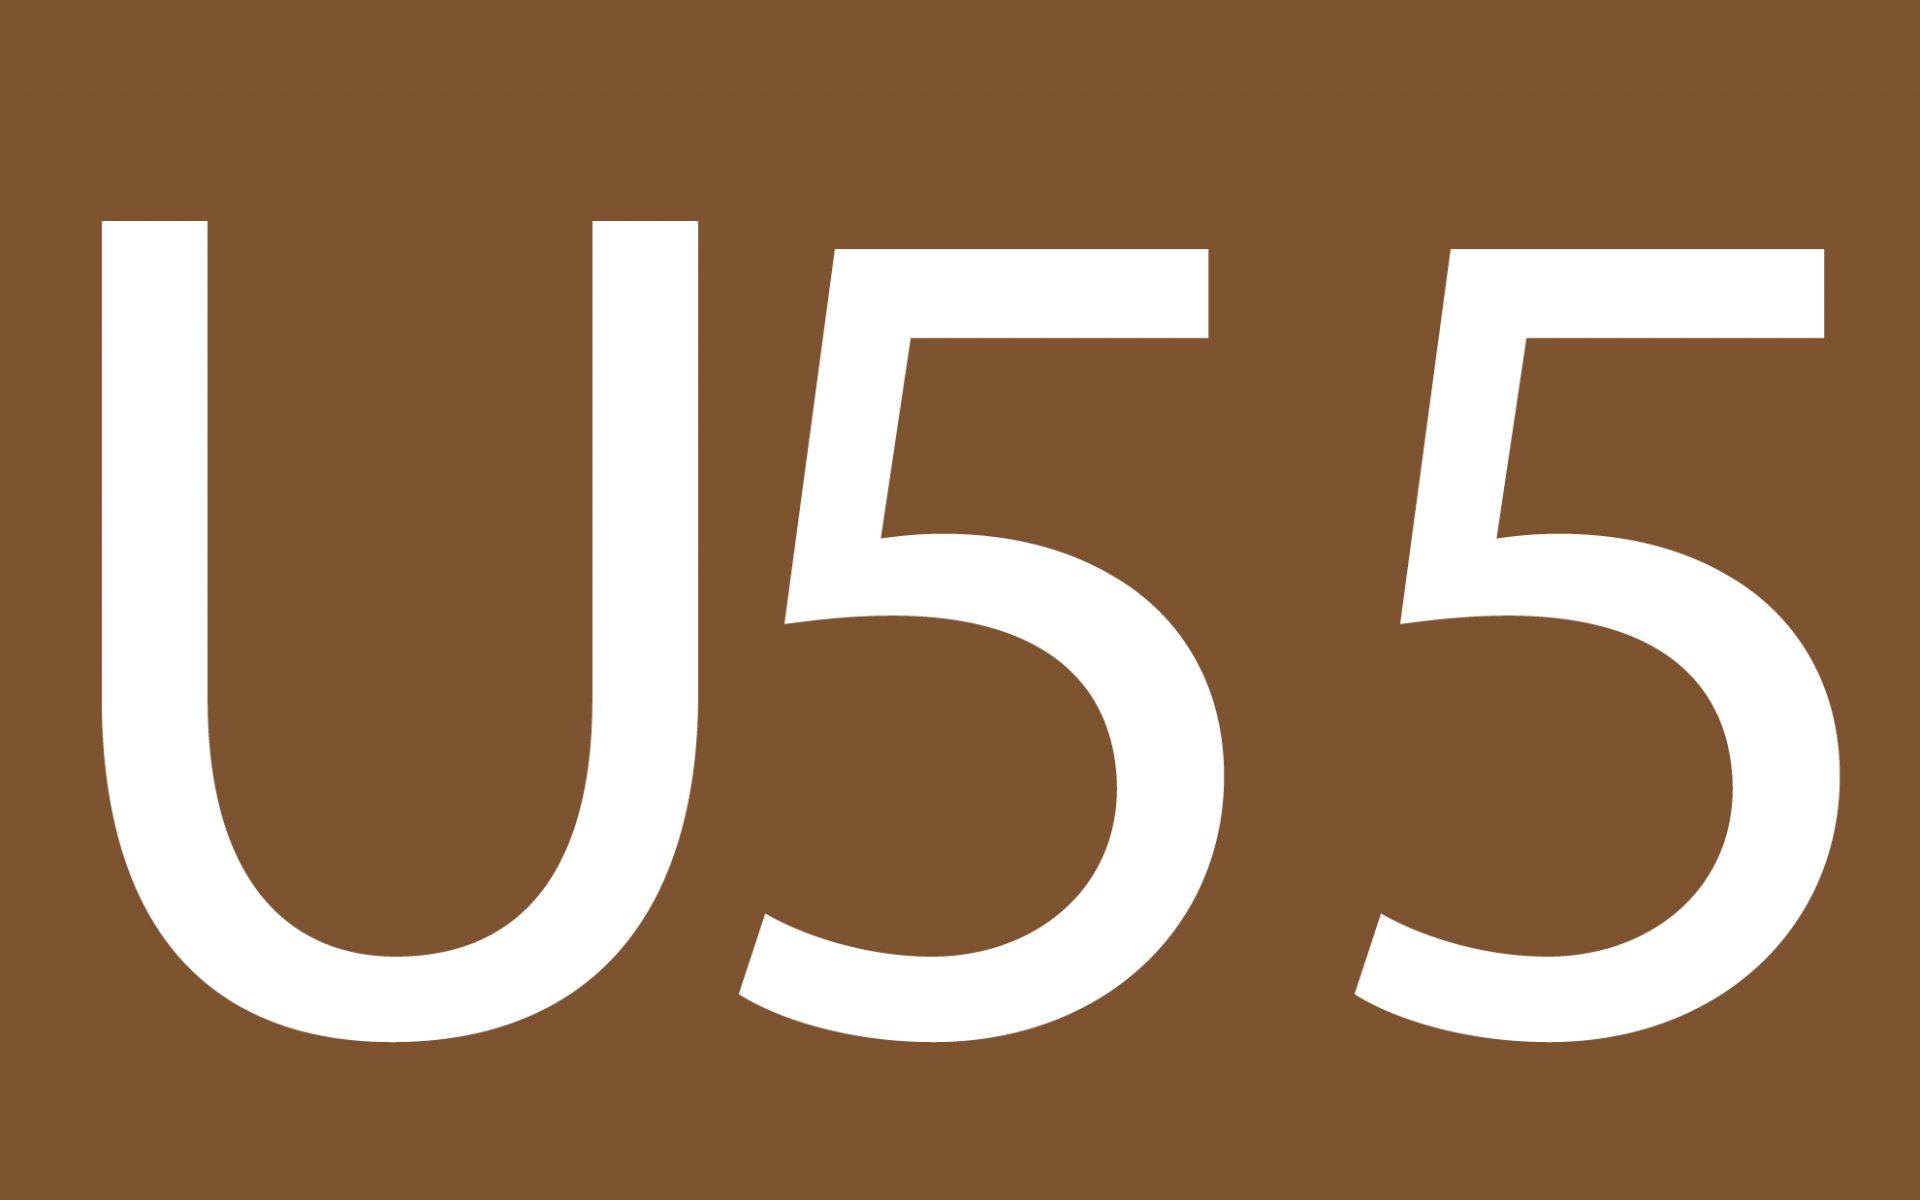 ubahn_u55